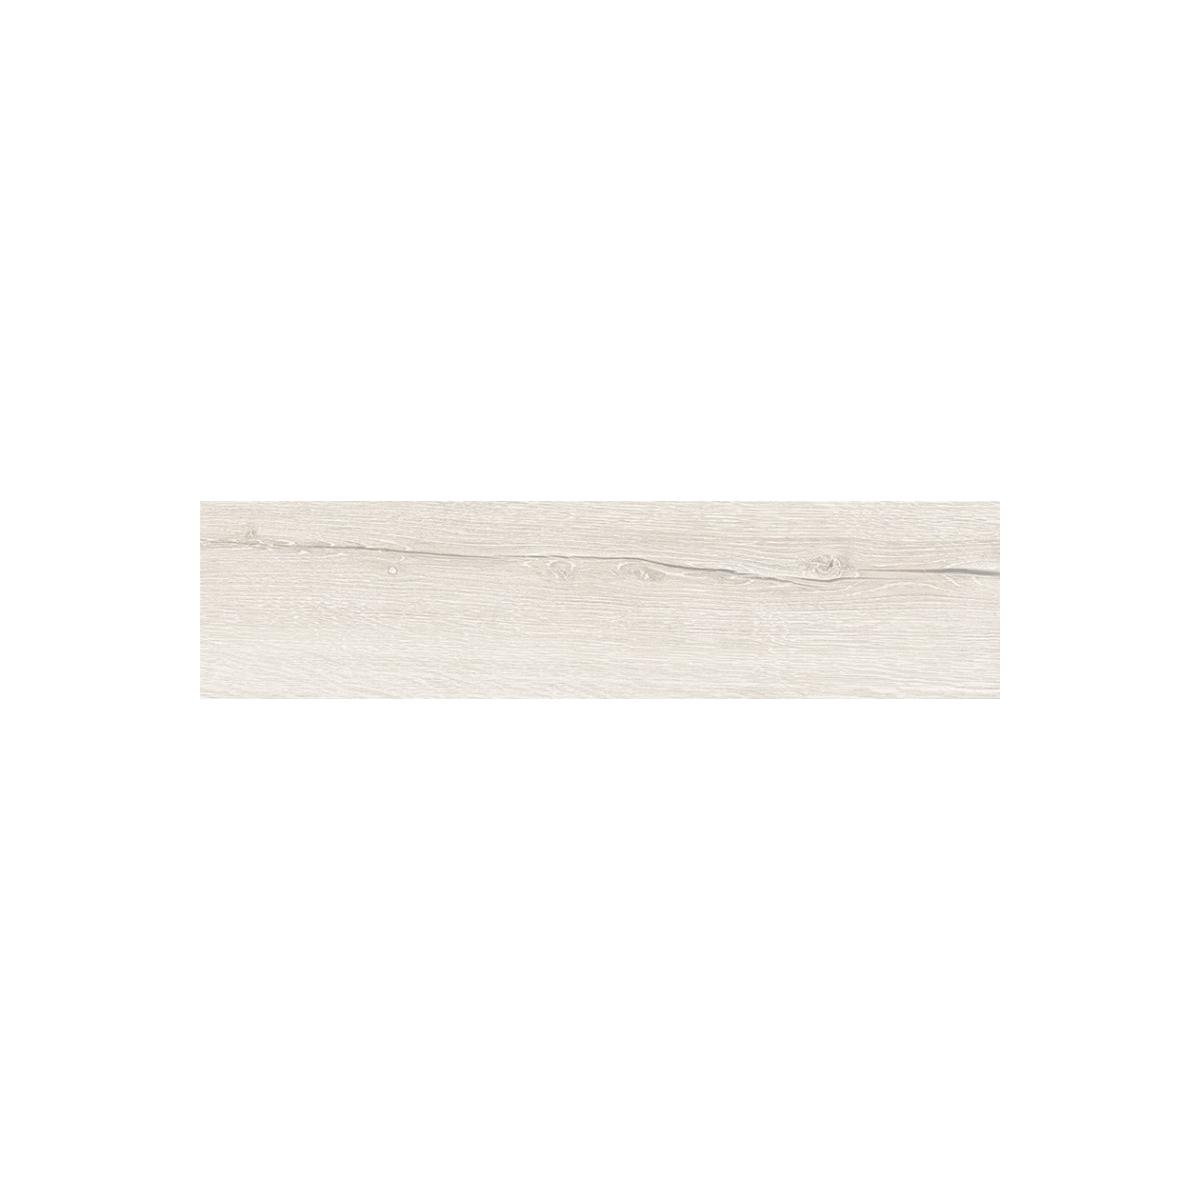 textura borde de piscina Yoho Maple 45x75x3